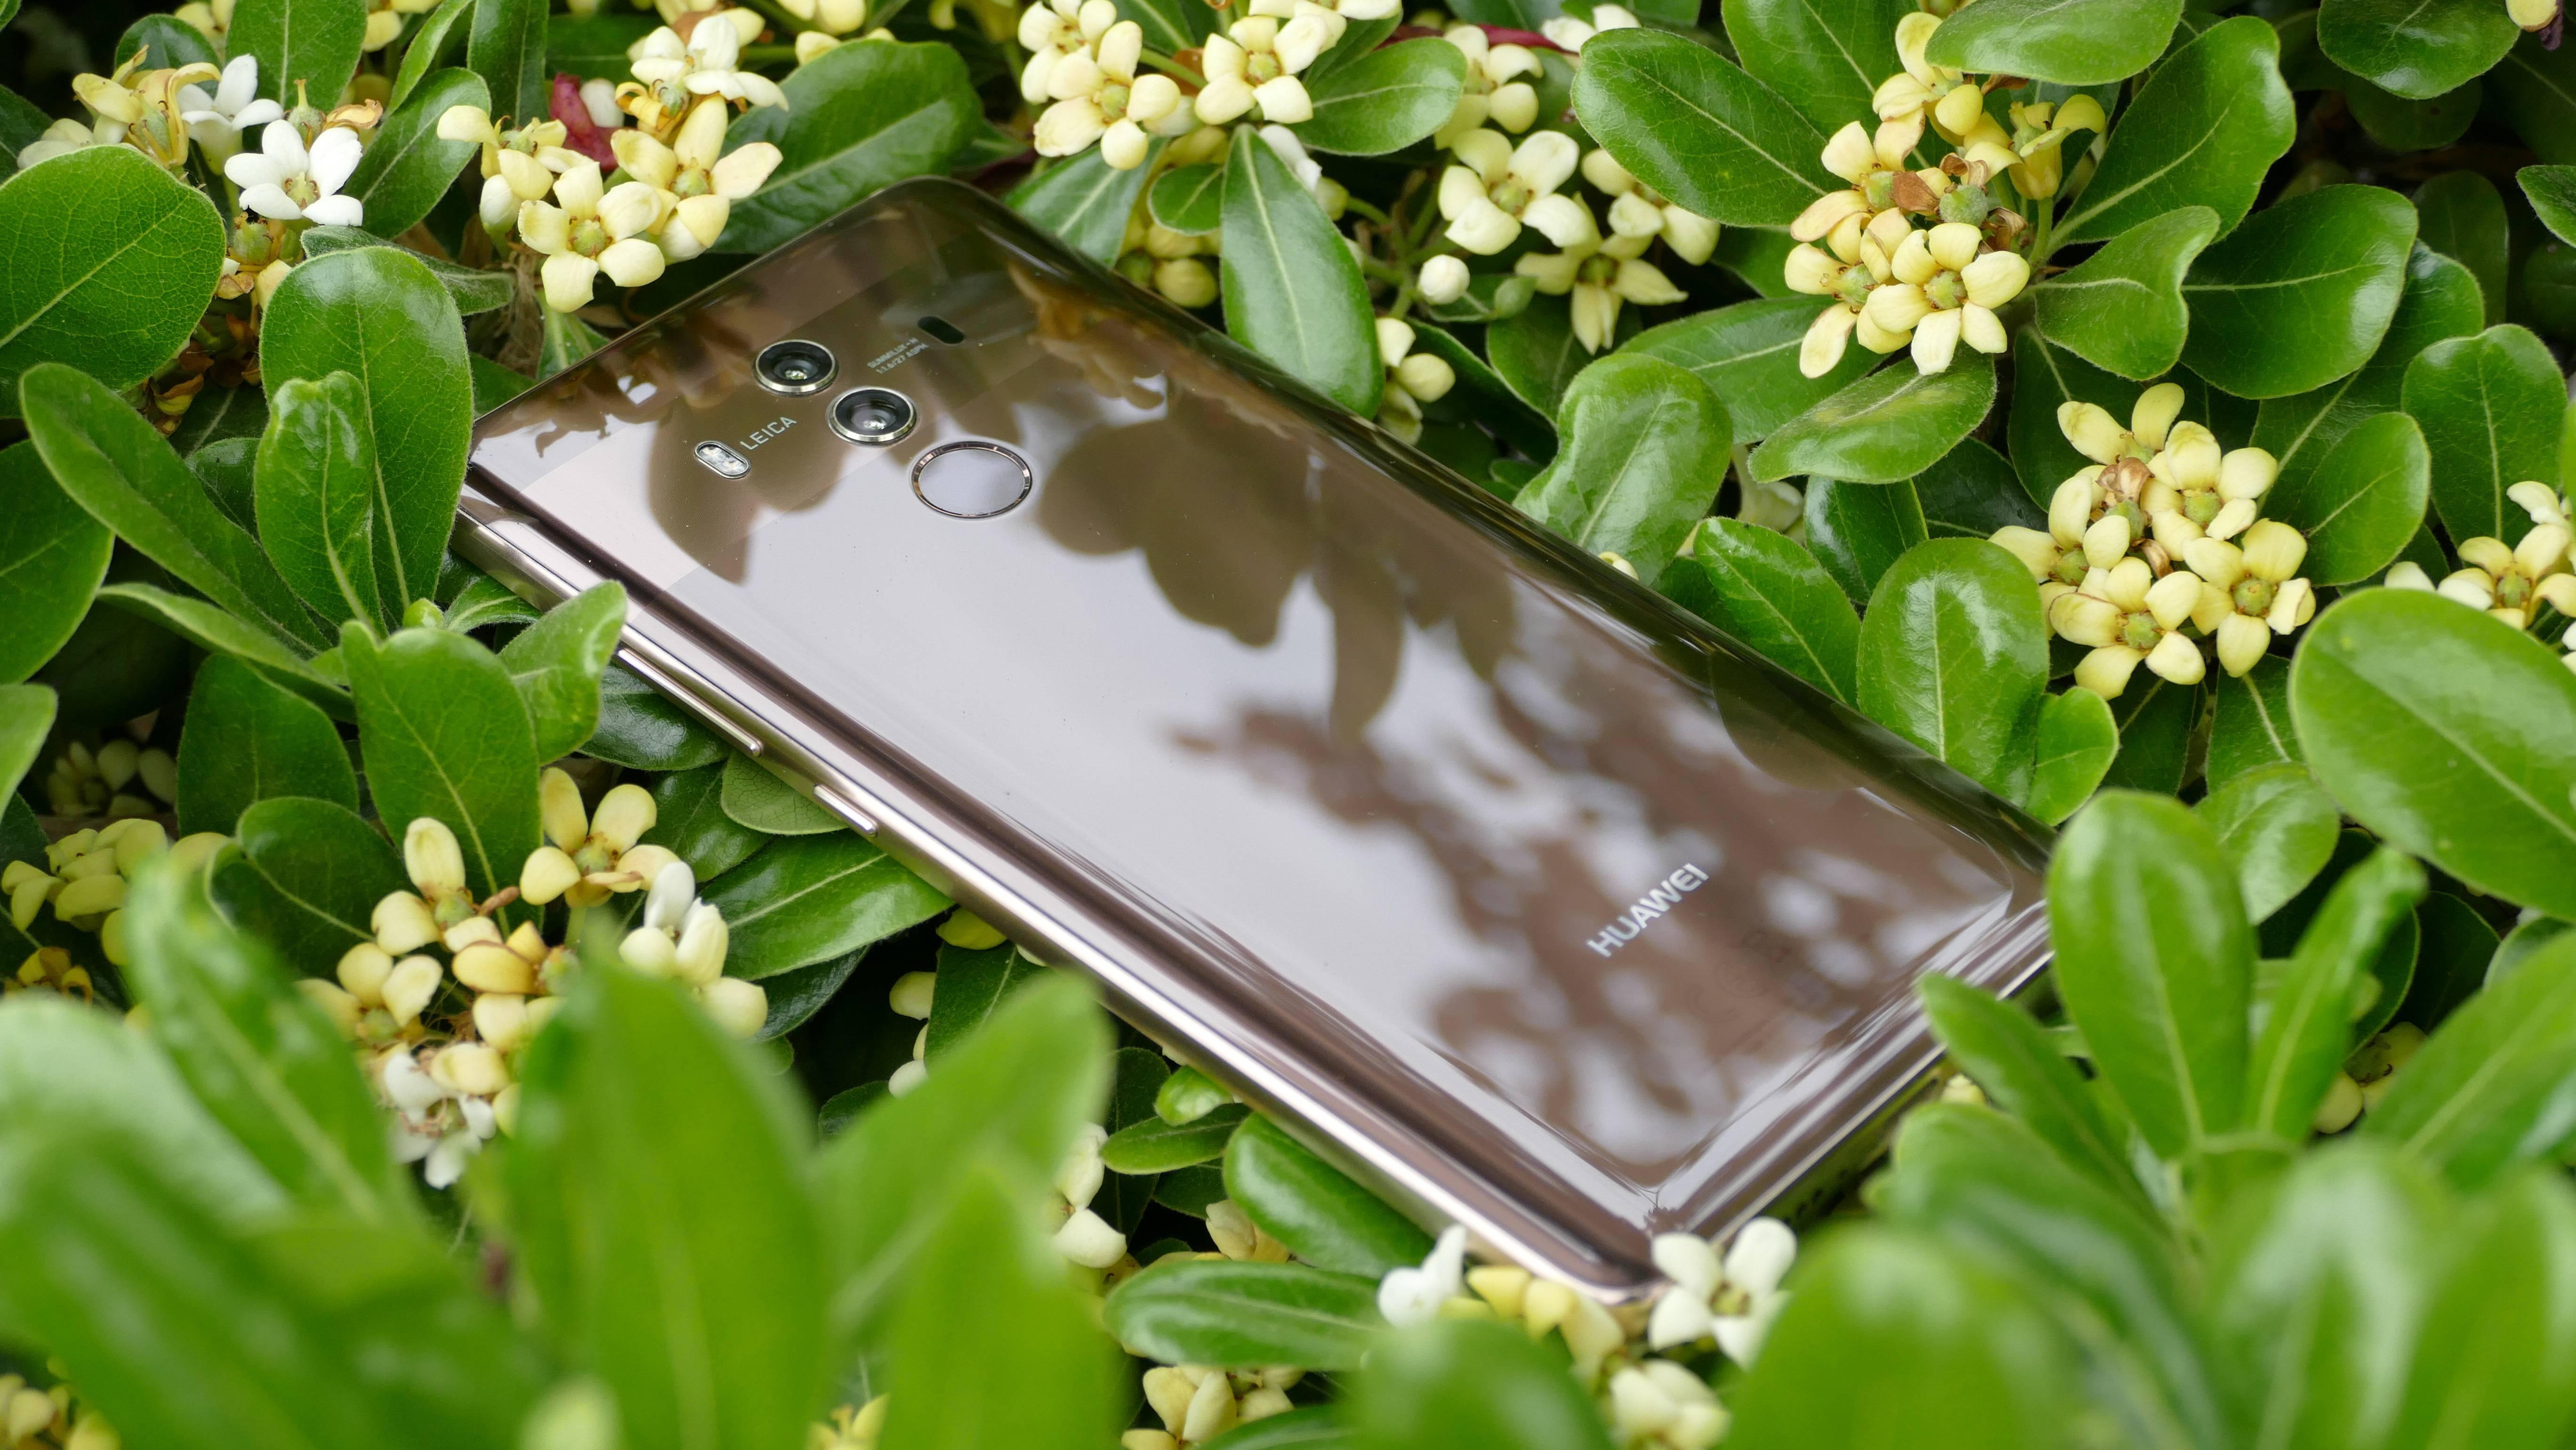 México: El Huawei Mate 10 Pro llegó y en la compra de uno, llévate otro celular gratis